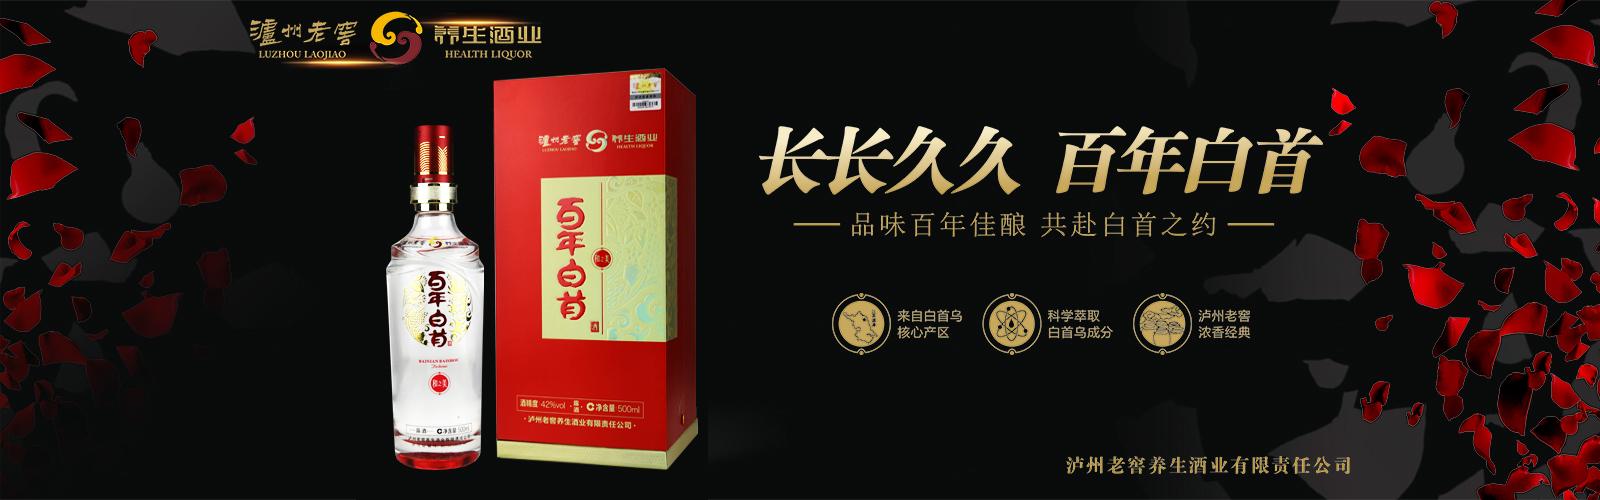 泸州百年乐虎app官网酒业